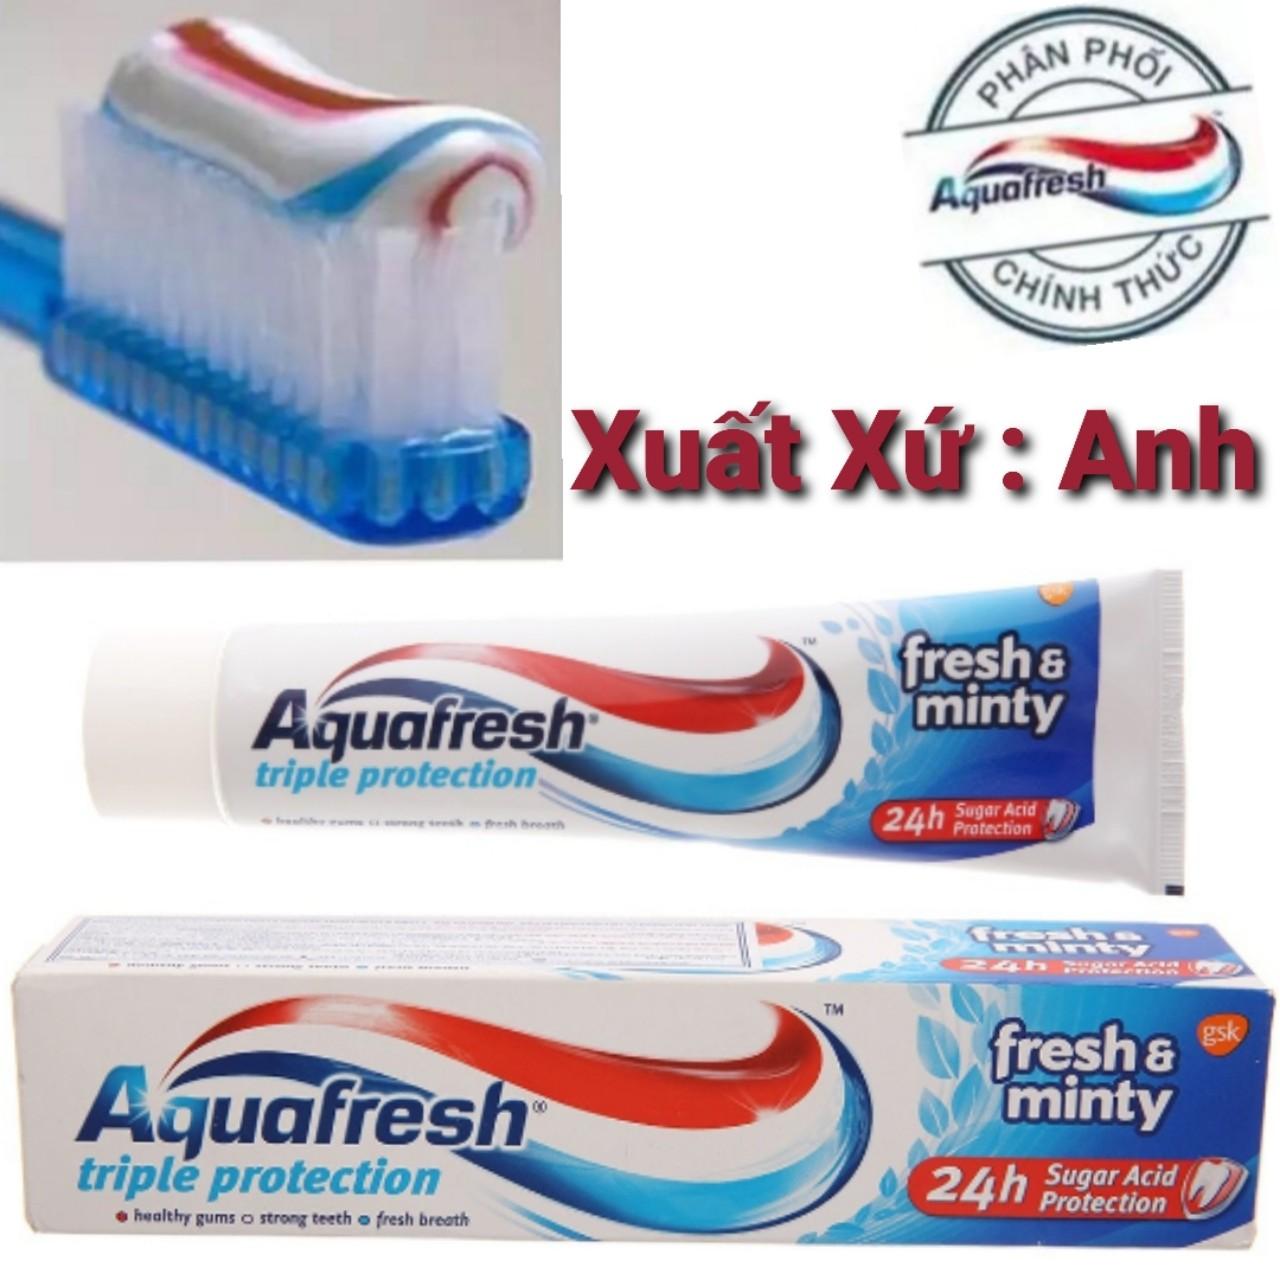 Kem đánh răng 3 tác động Aquafresh 100ml (Xuất xứ Anh) cao cấp